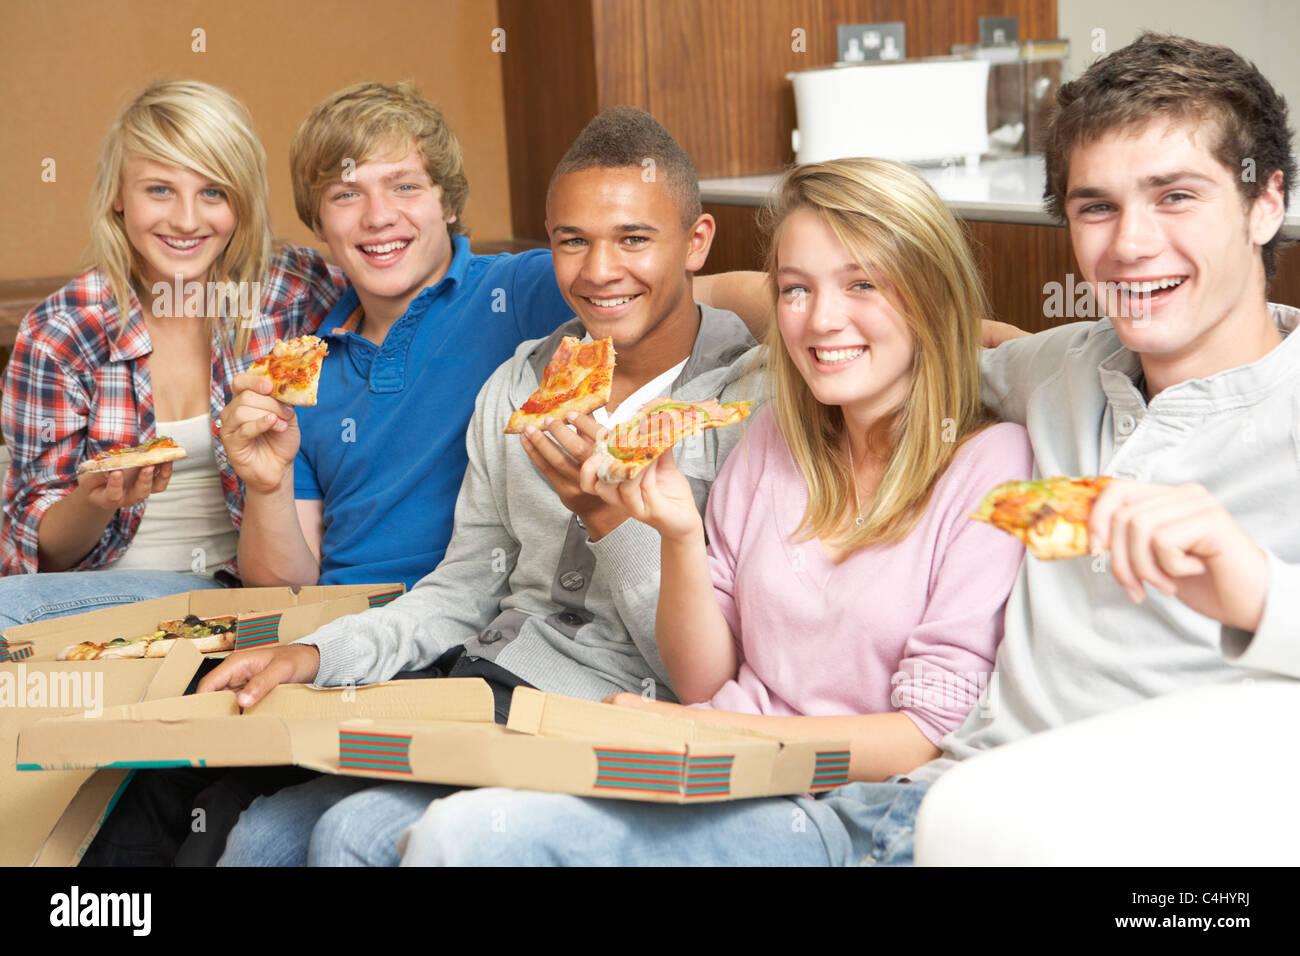 gruppe von jugendlichen freunde sitzen auf dem sofa zu hause essen pizza stockfoto bild. Black Bedroom Furniture Sets. Home Design Ideas